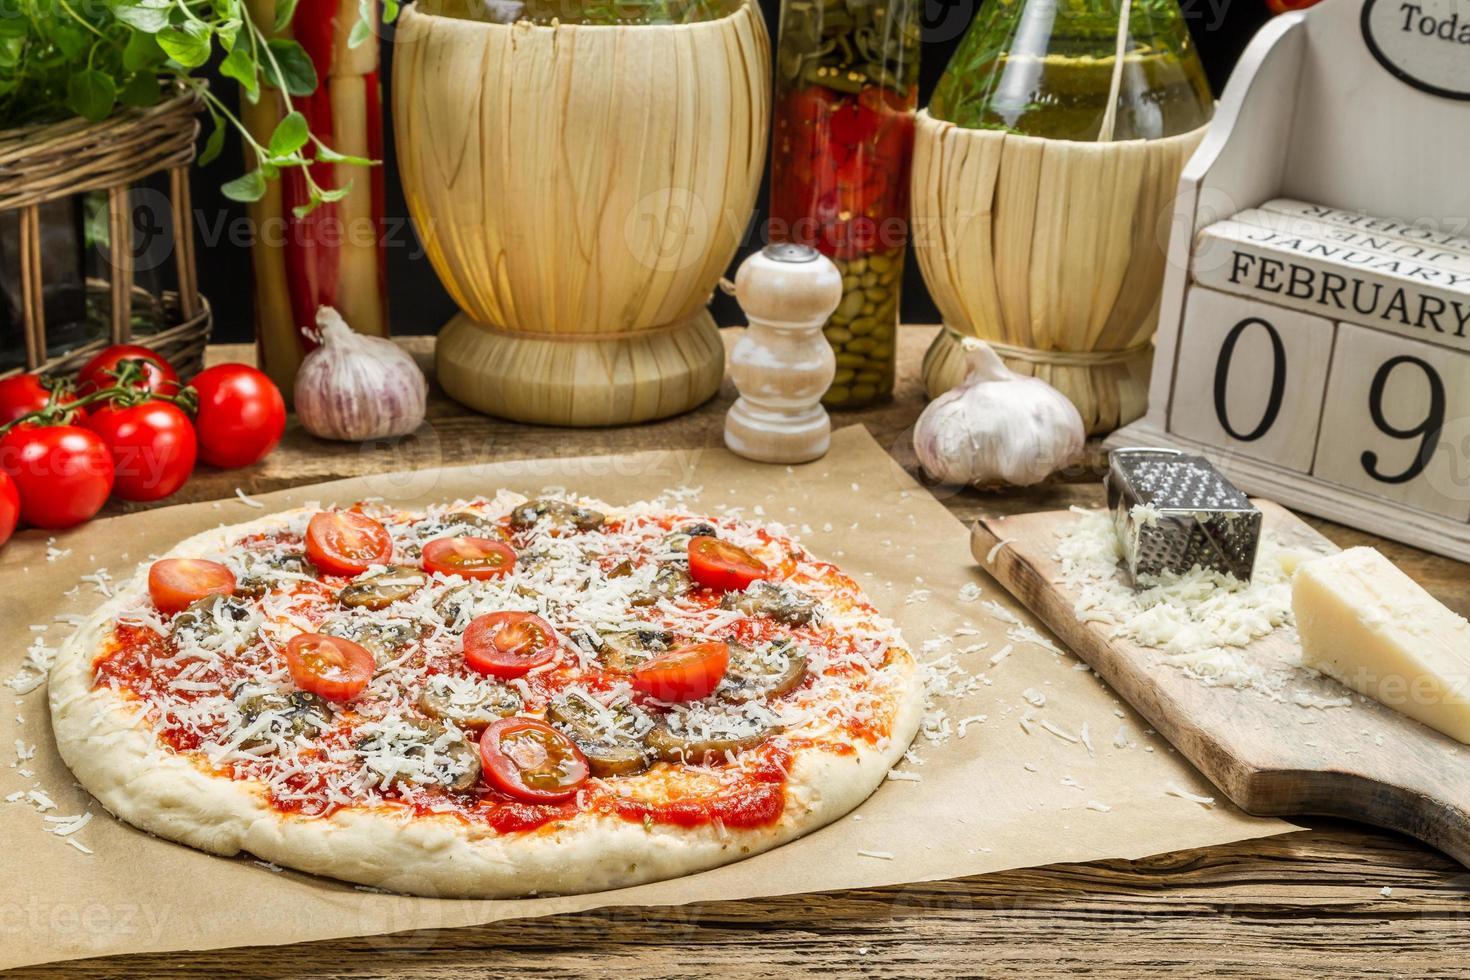 préparer une pizza maison avec des ingrédients frais photo